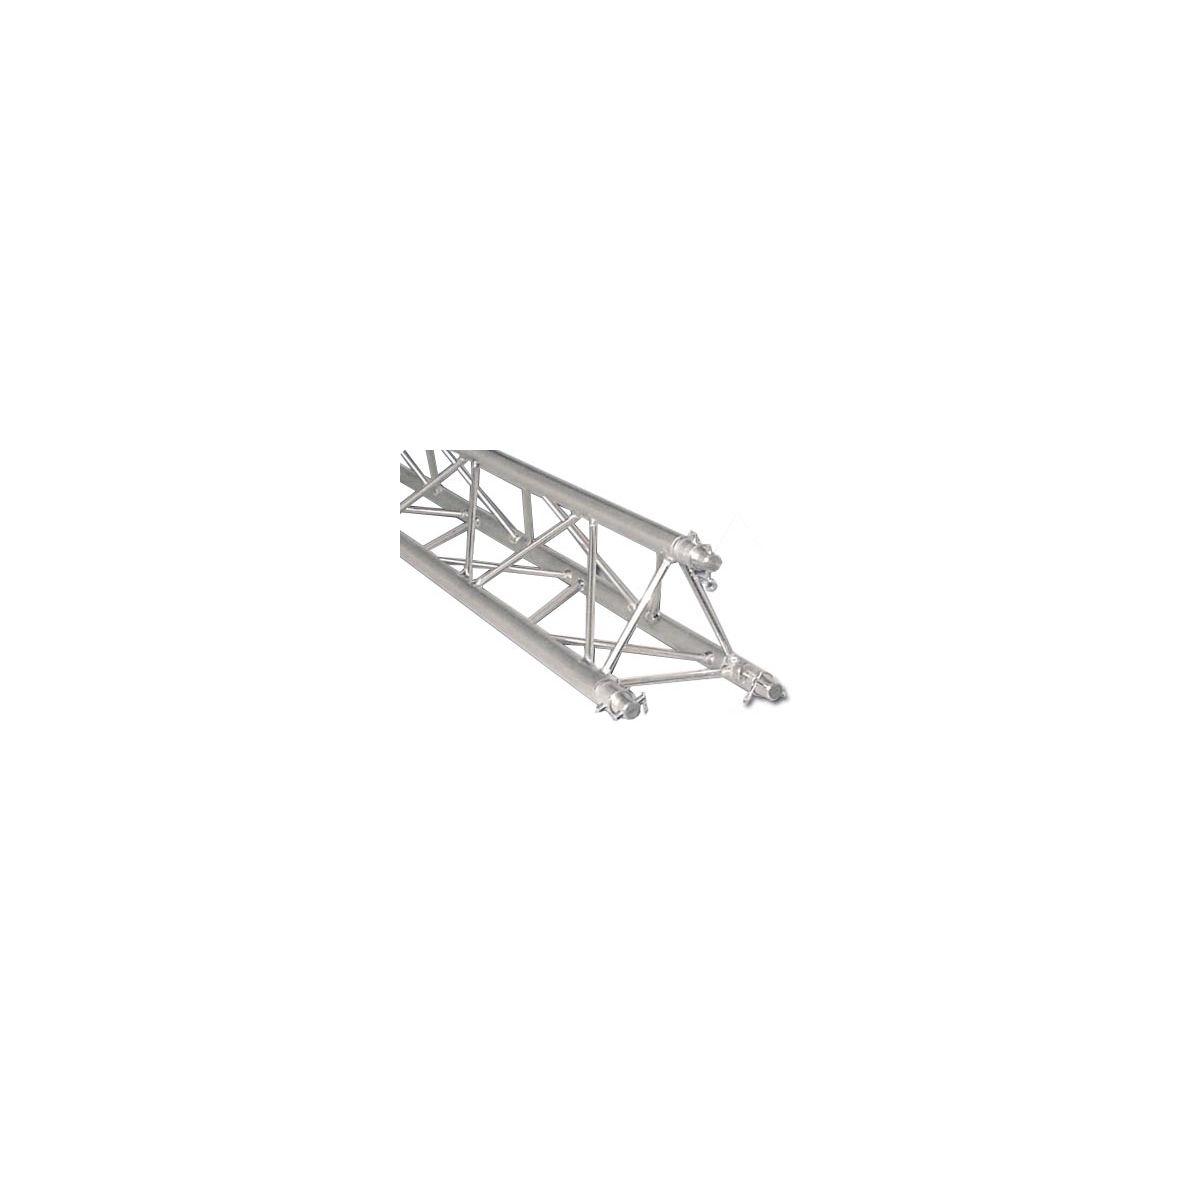 Structures aluminium - Mobiltruss - TRIO DECO 30105